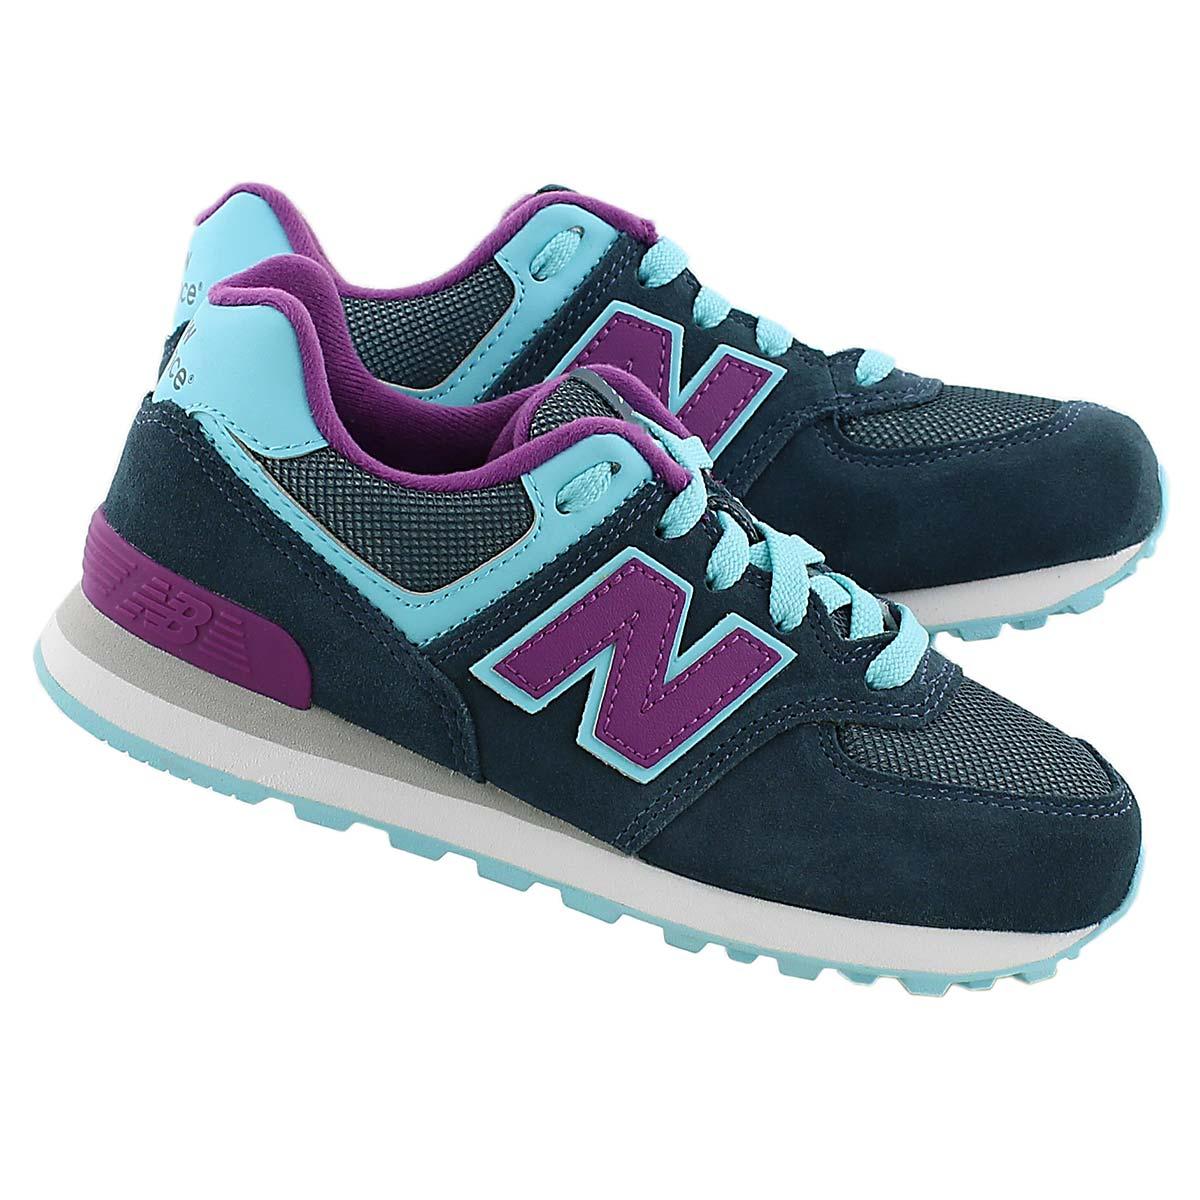 Grls 574 blue/purple lace up sneaker